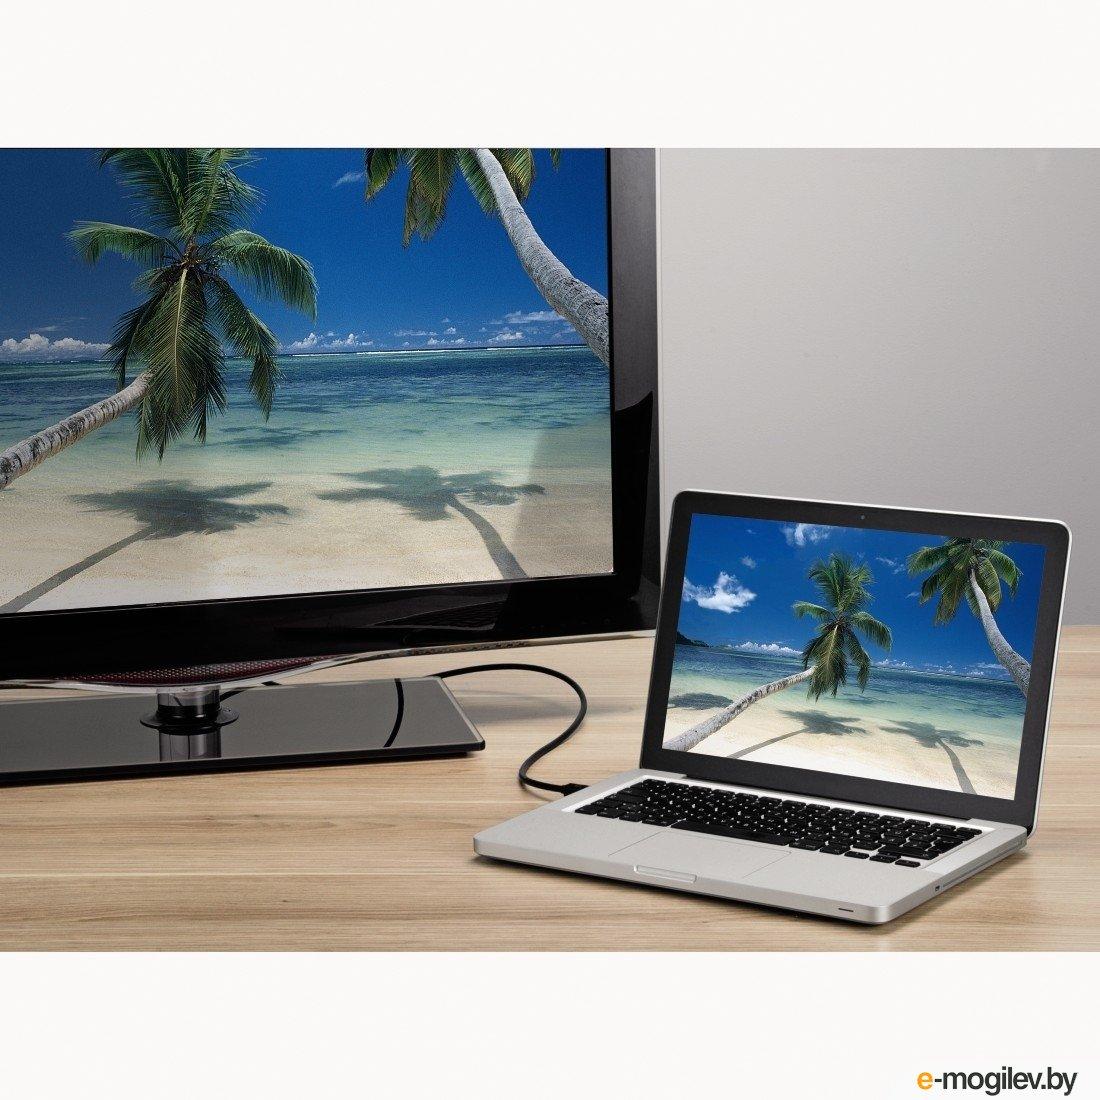 Кабель Display Port Hama DisplayPort (m)/mini DisplayPort (m) 1.8м экран. Позолоченные контакты